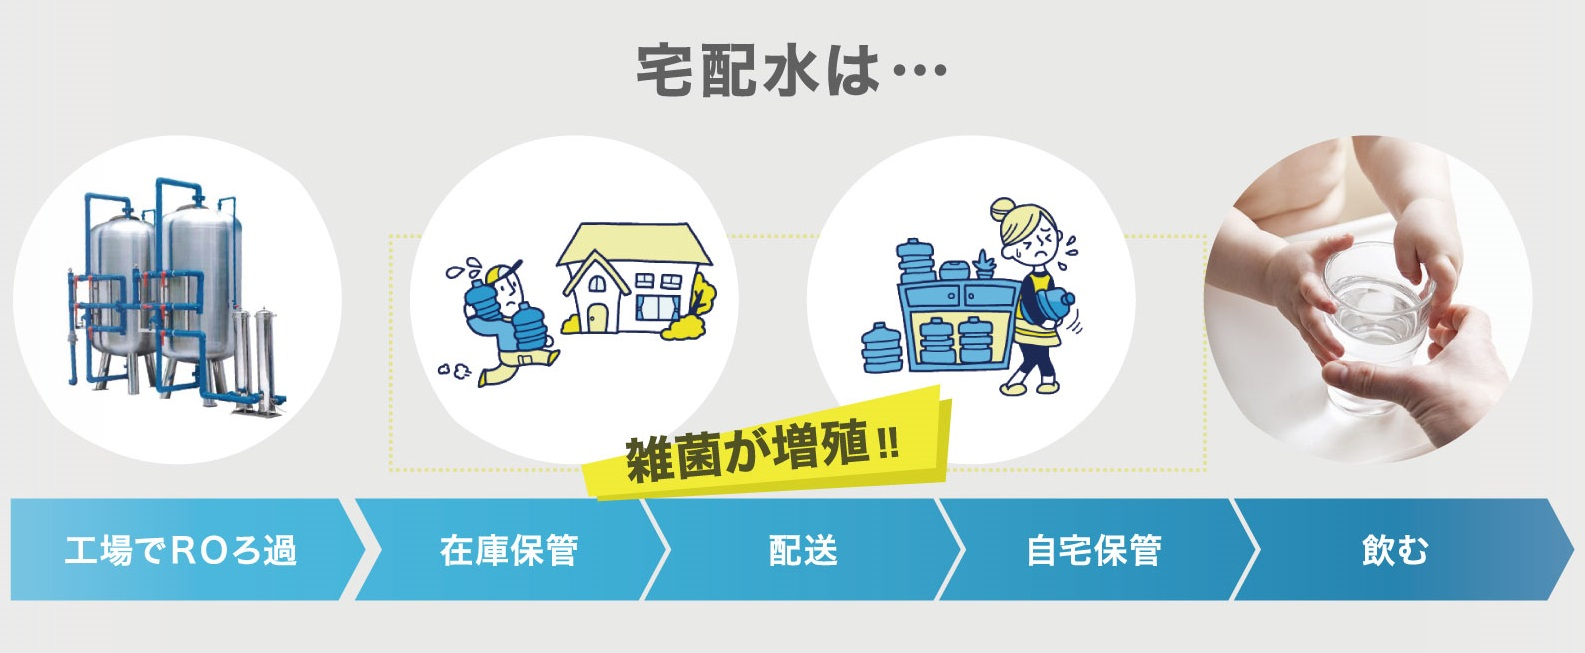 宅配水は・・・雑菌が増殖!!